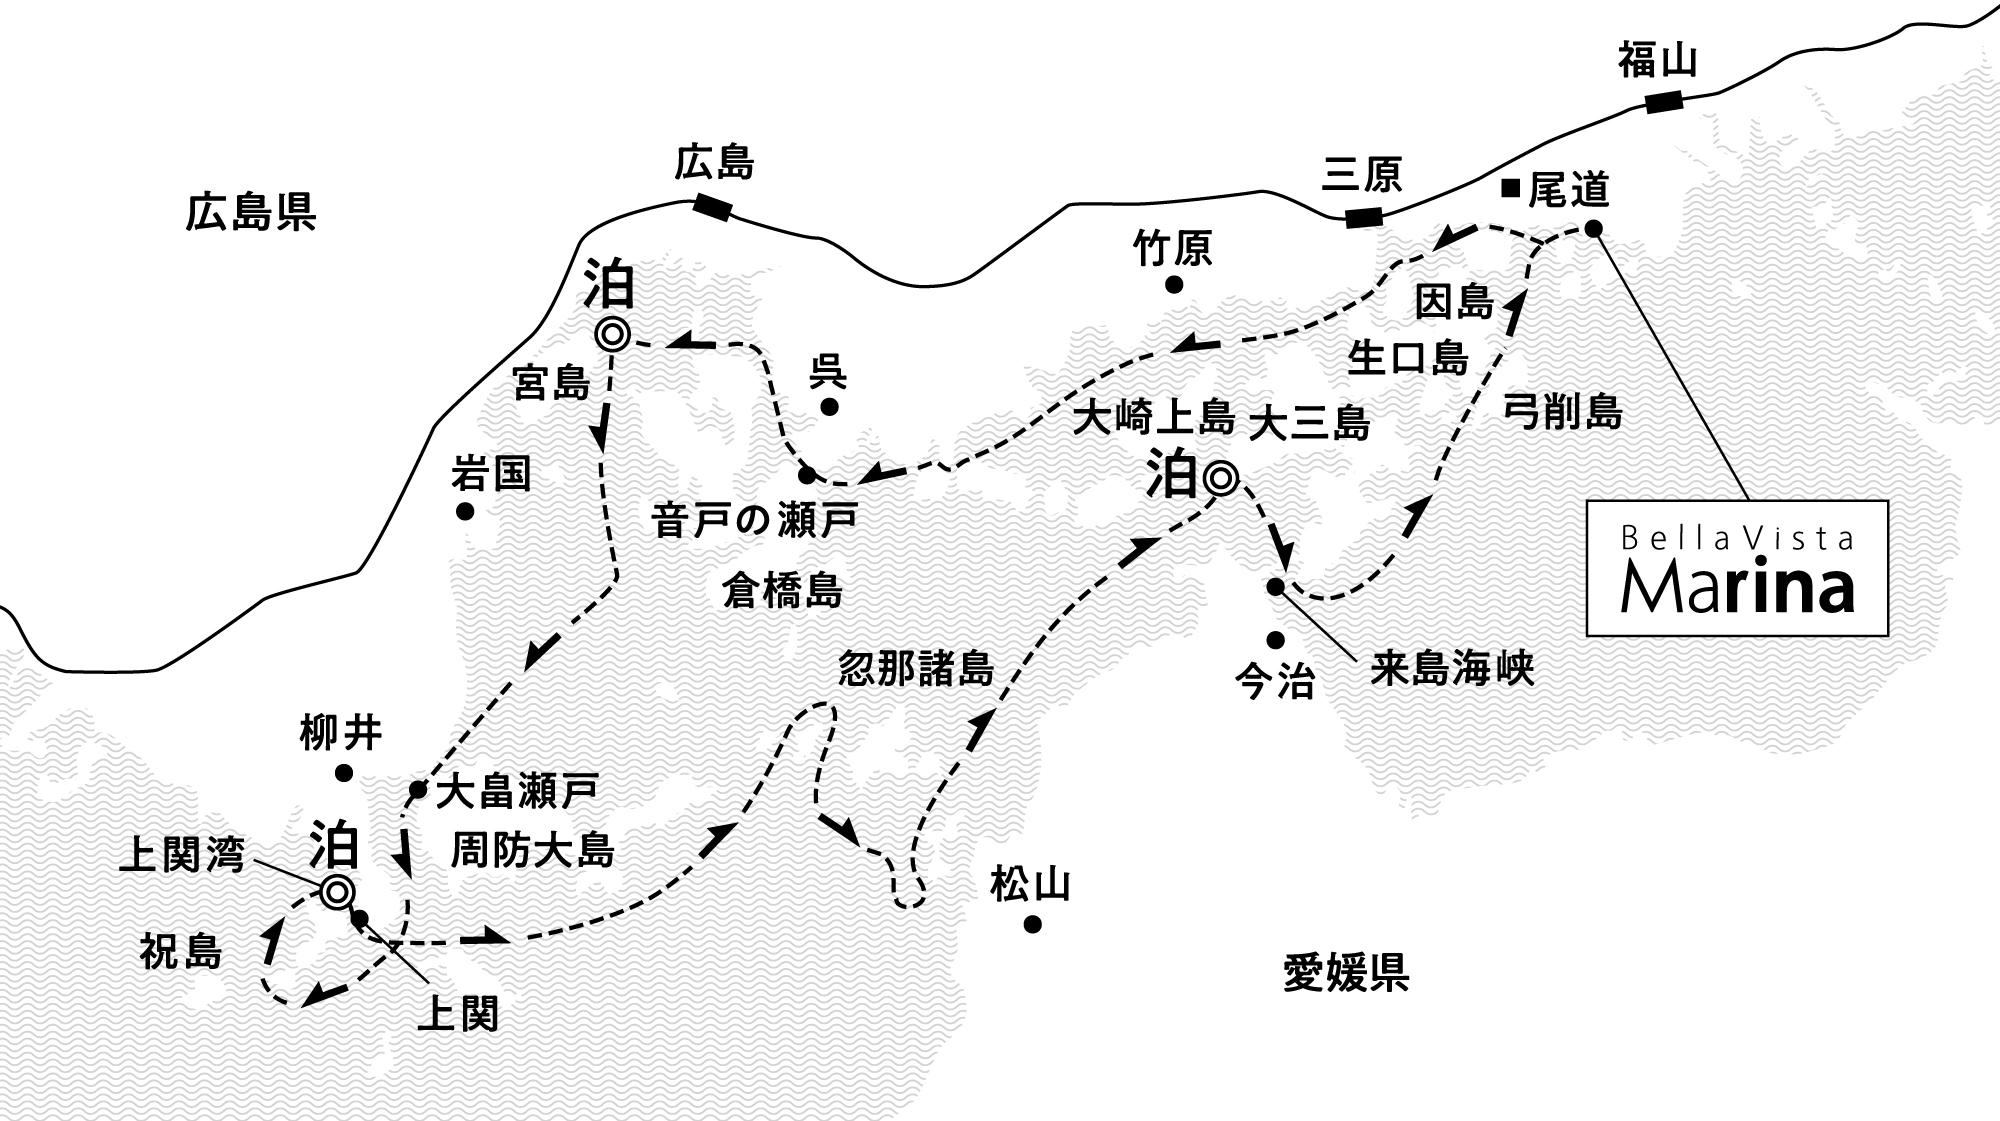 世界遺産と島の古き良き風景に和む 宮島沖・上関沖・大三島沖錨泊4日間<br>(2022年出発分)